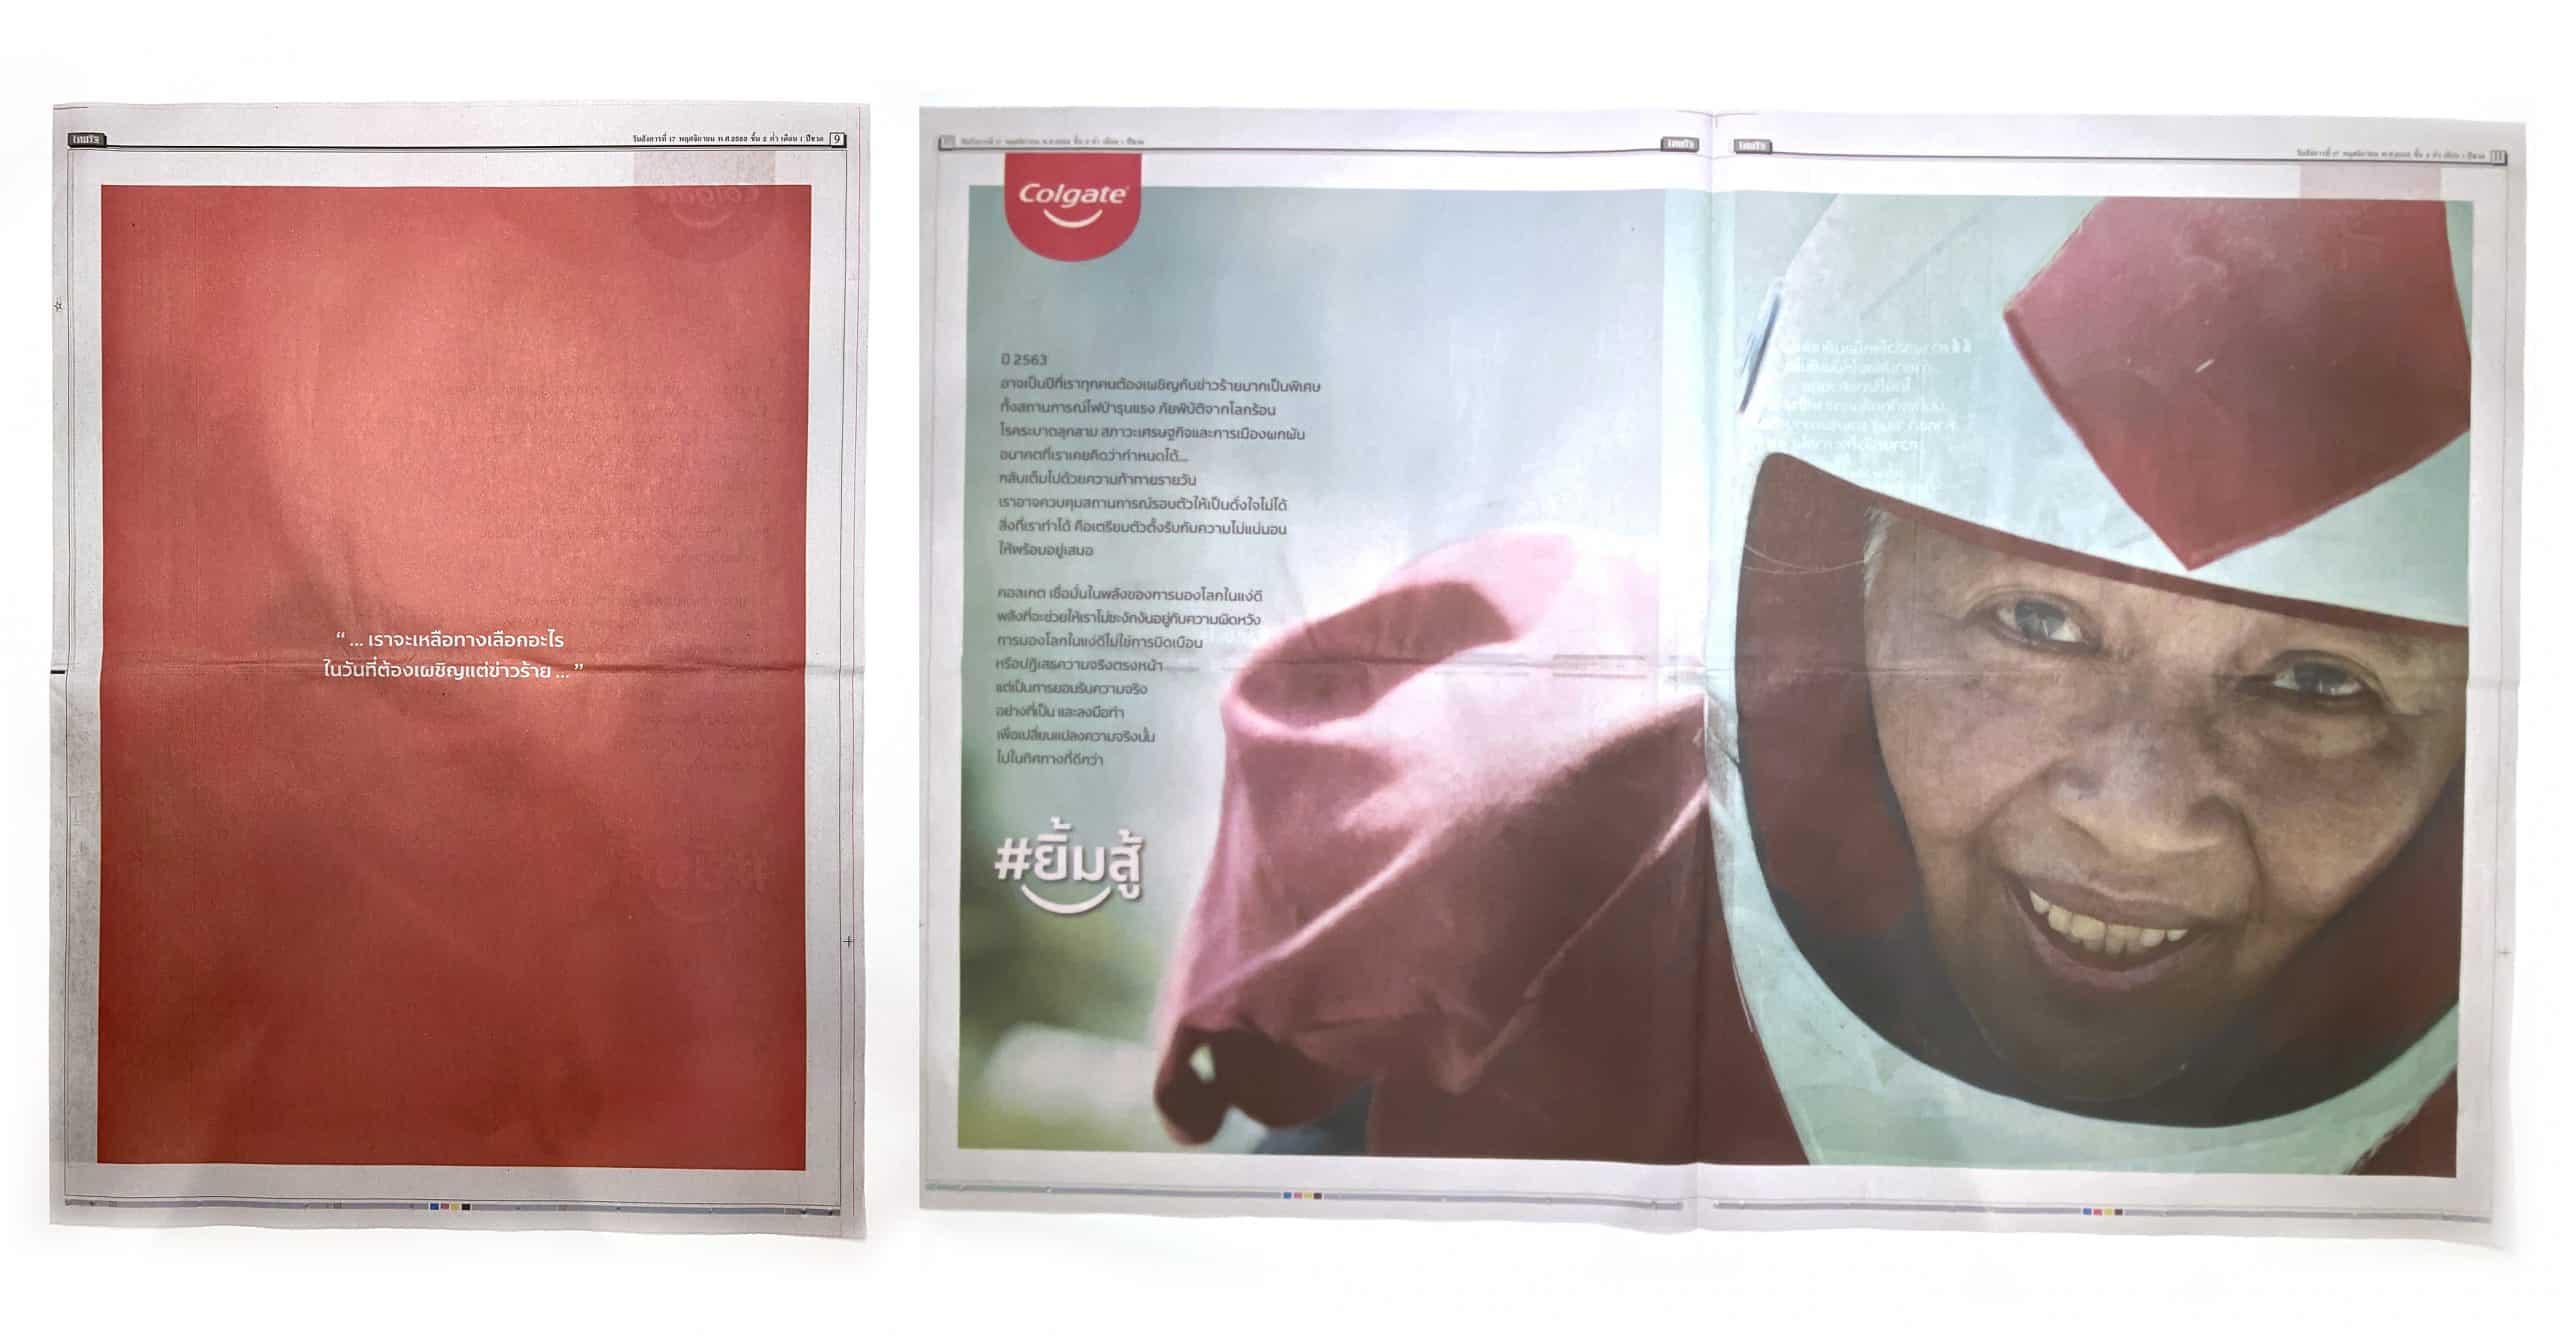 Newspaper Impact ทำไมคอลเกตจึงจัดเต็ม 5 หน้าหนังสือพิมพ์ไทยรัฐ